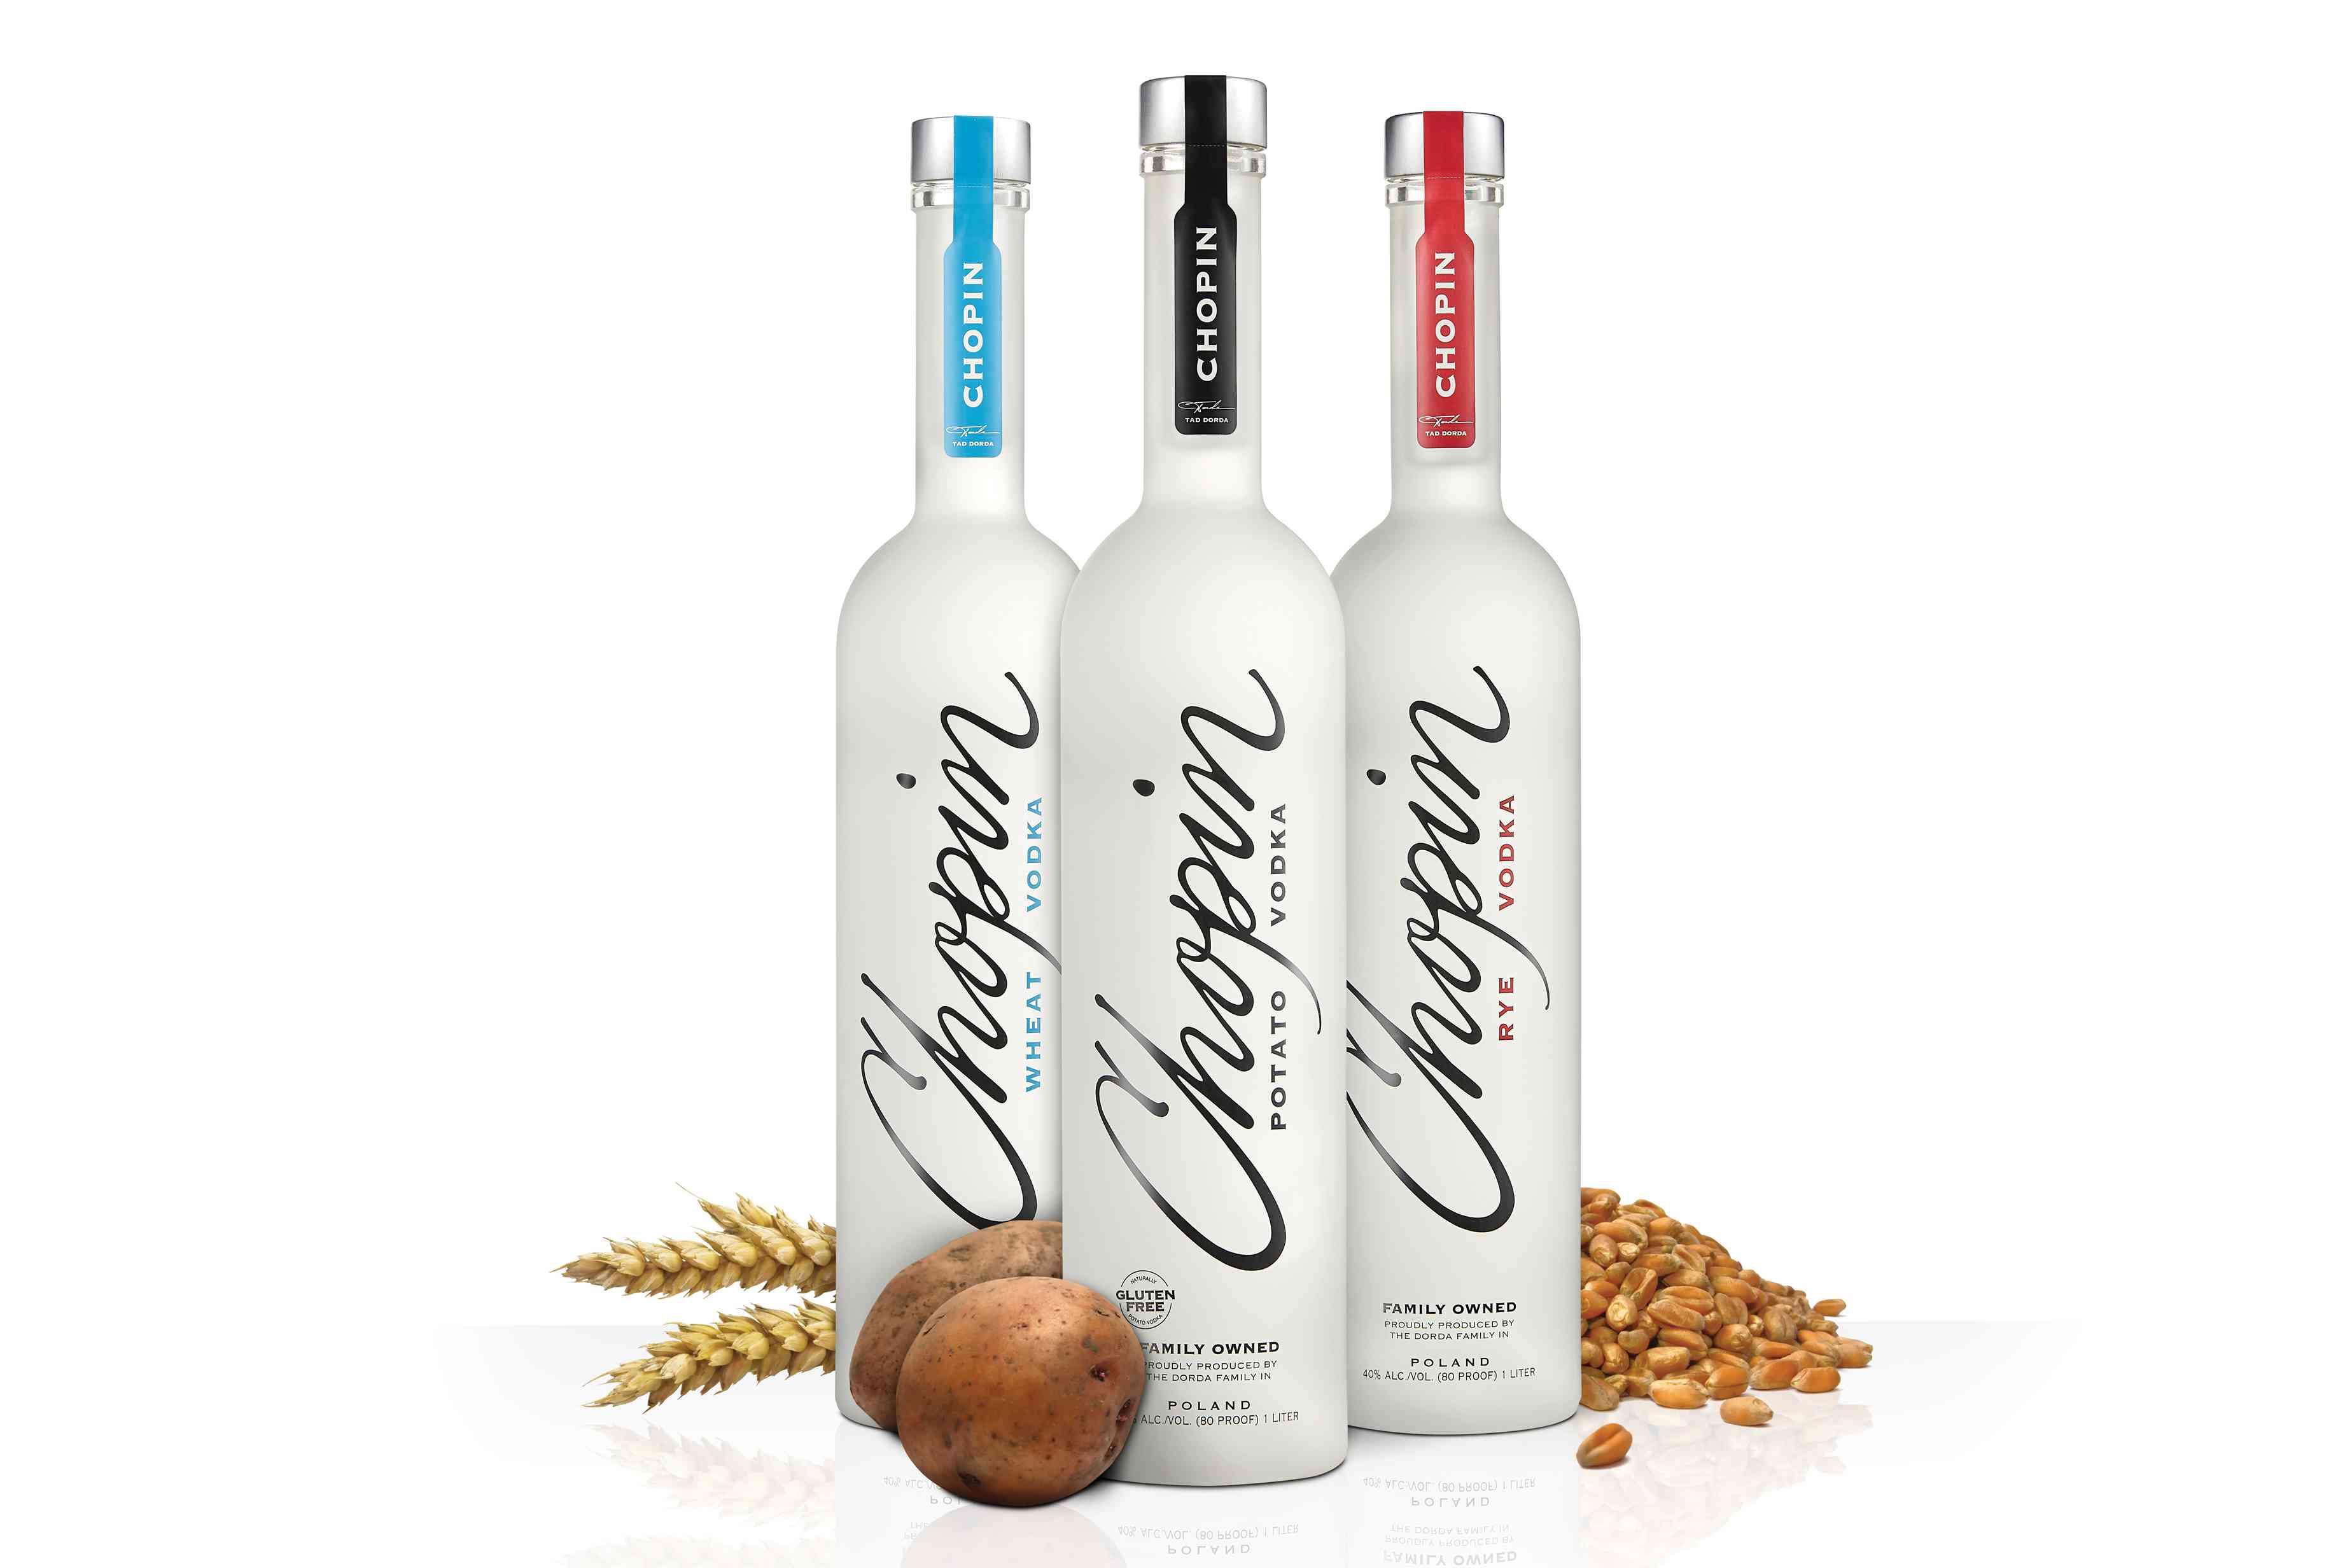 Chopin Potato, Rye, and Wheat Vodkas